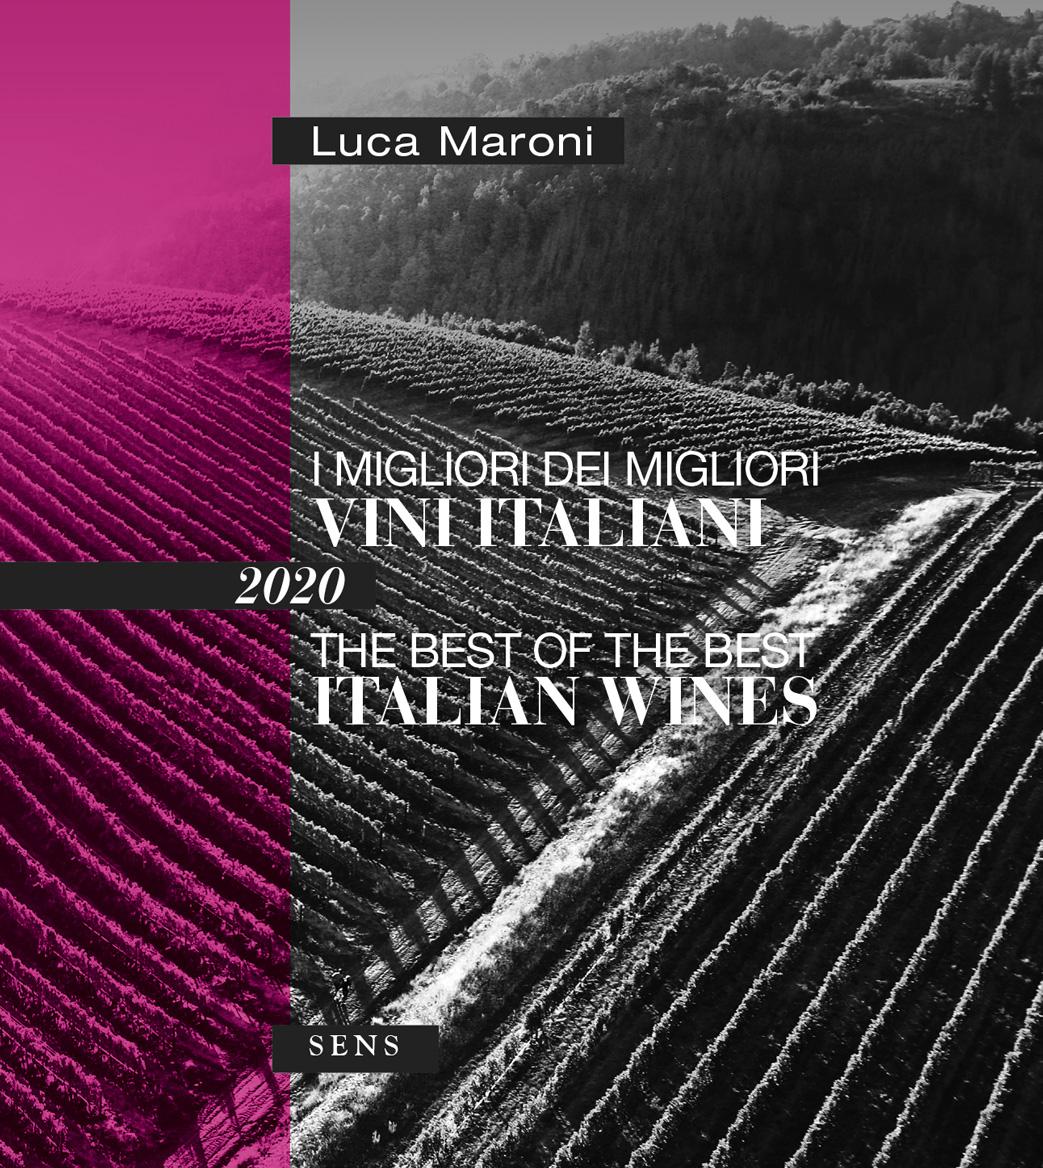 I Migliori dei Migliori Vini Italiani 2020